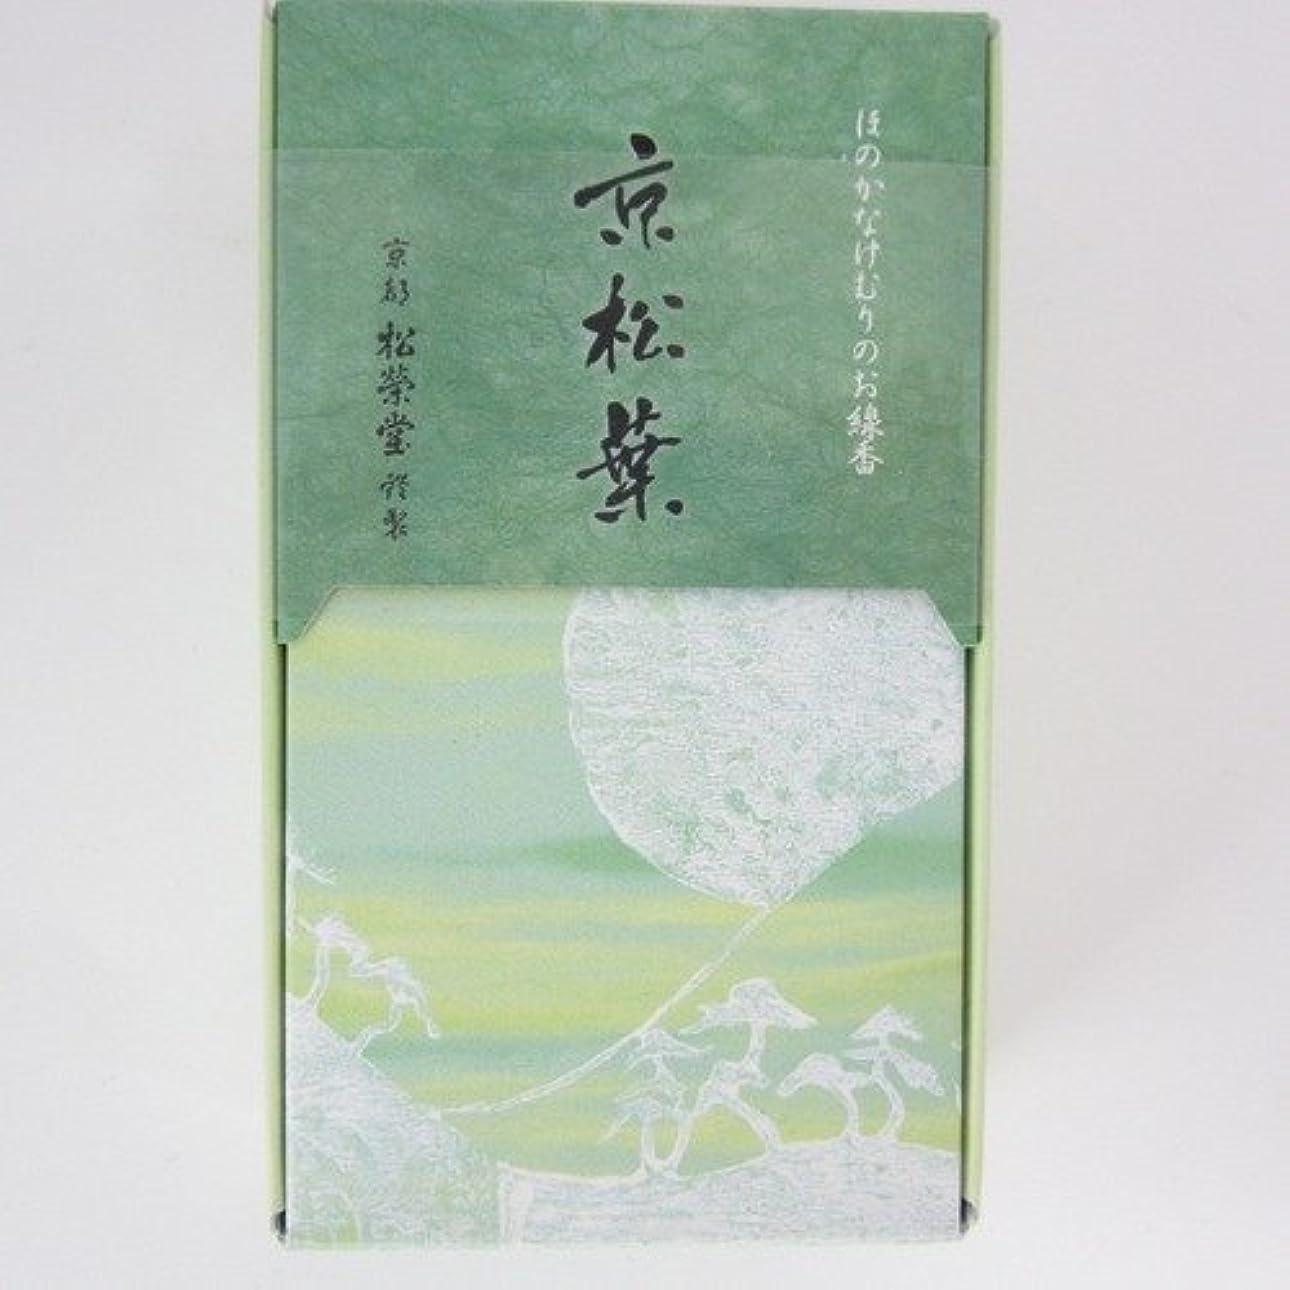 継続中フェードアウトオセアニア松栄堂 玉響シリーズ お香 京松葉 45g